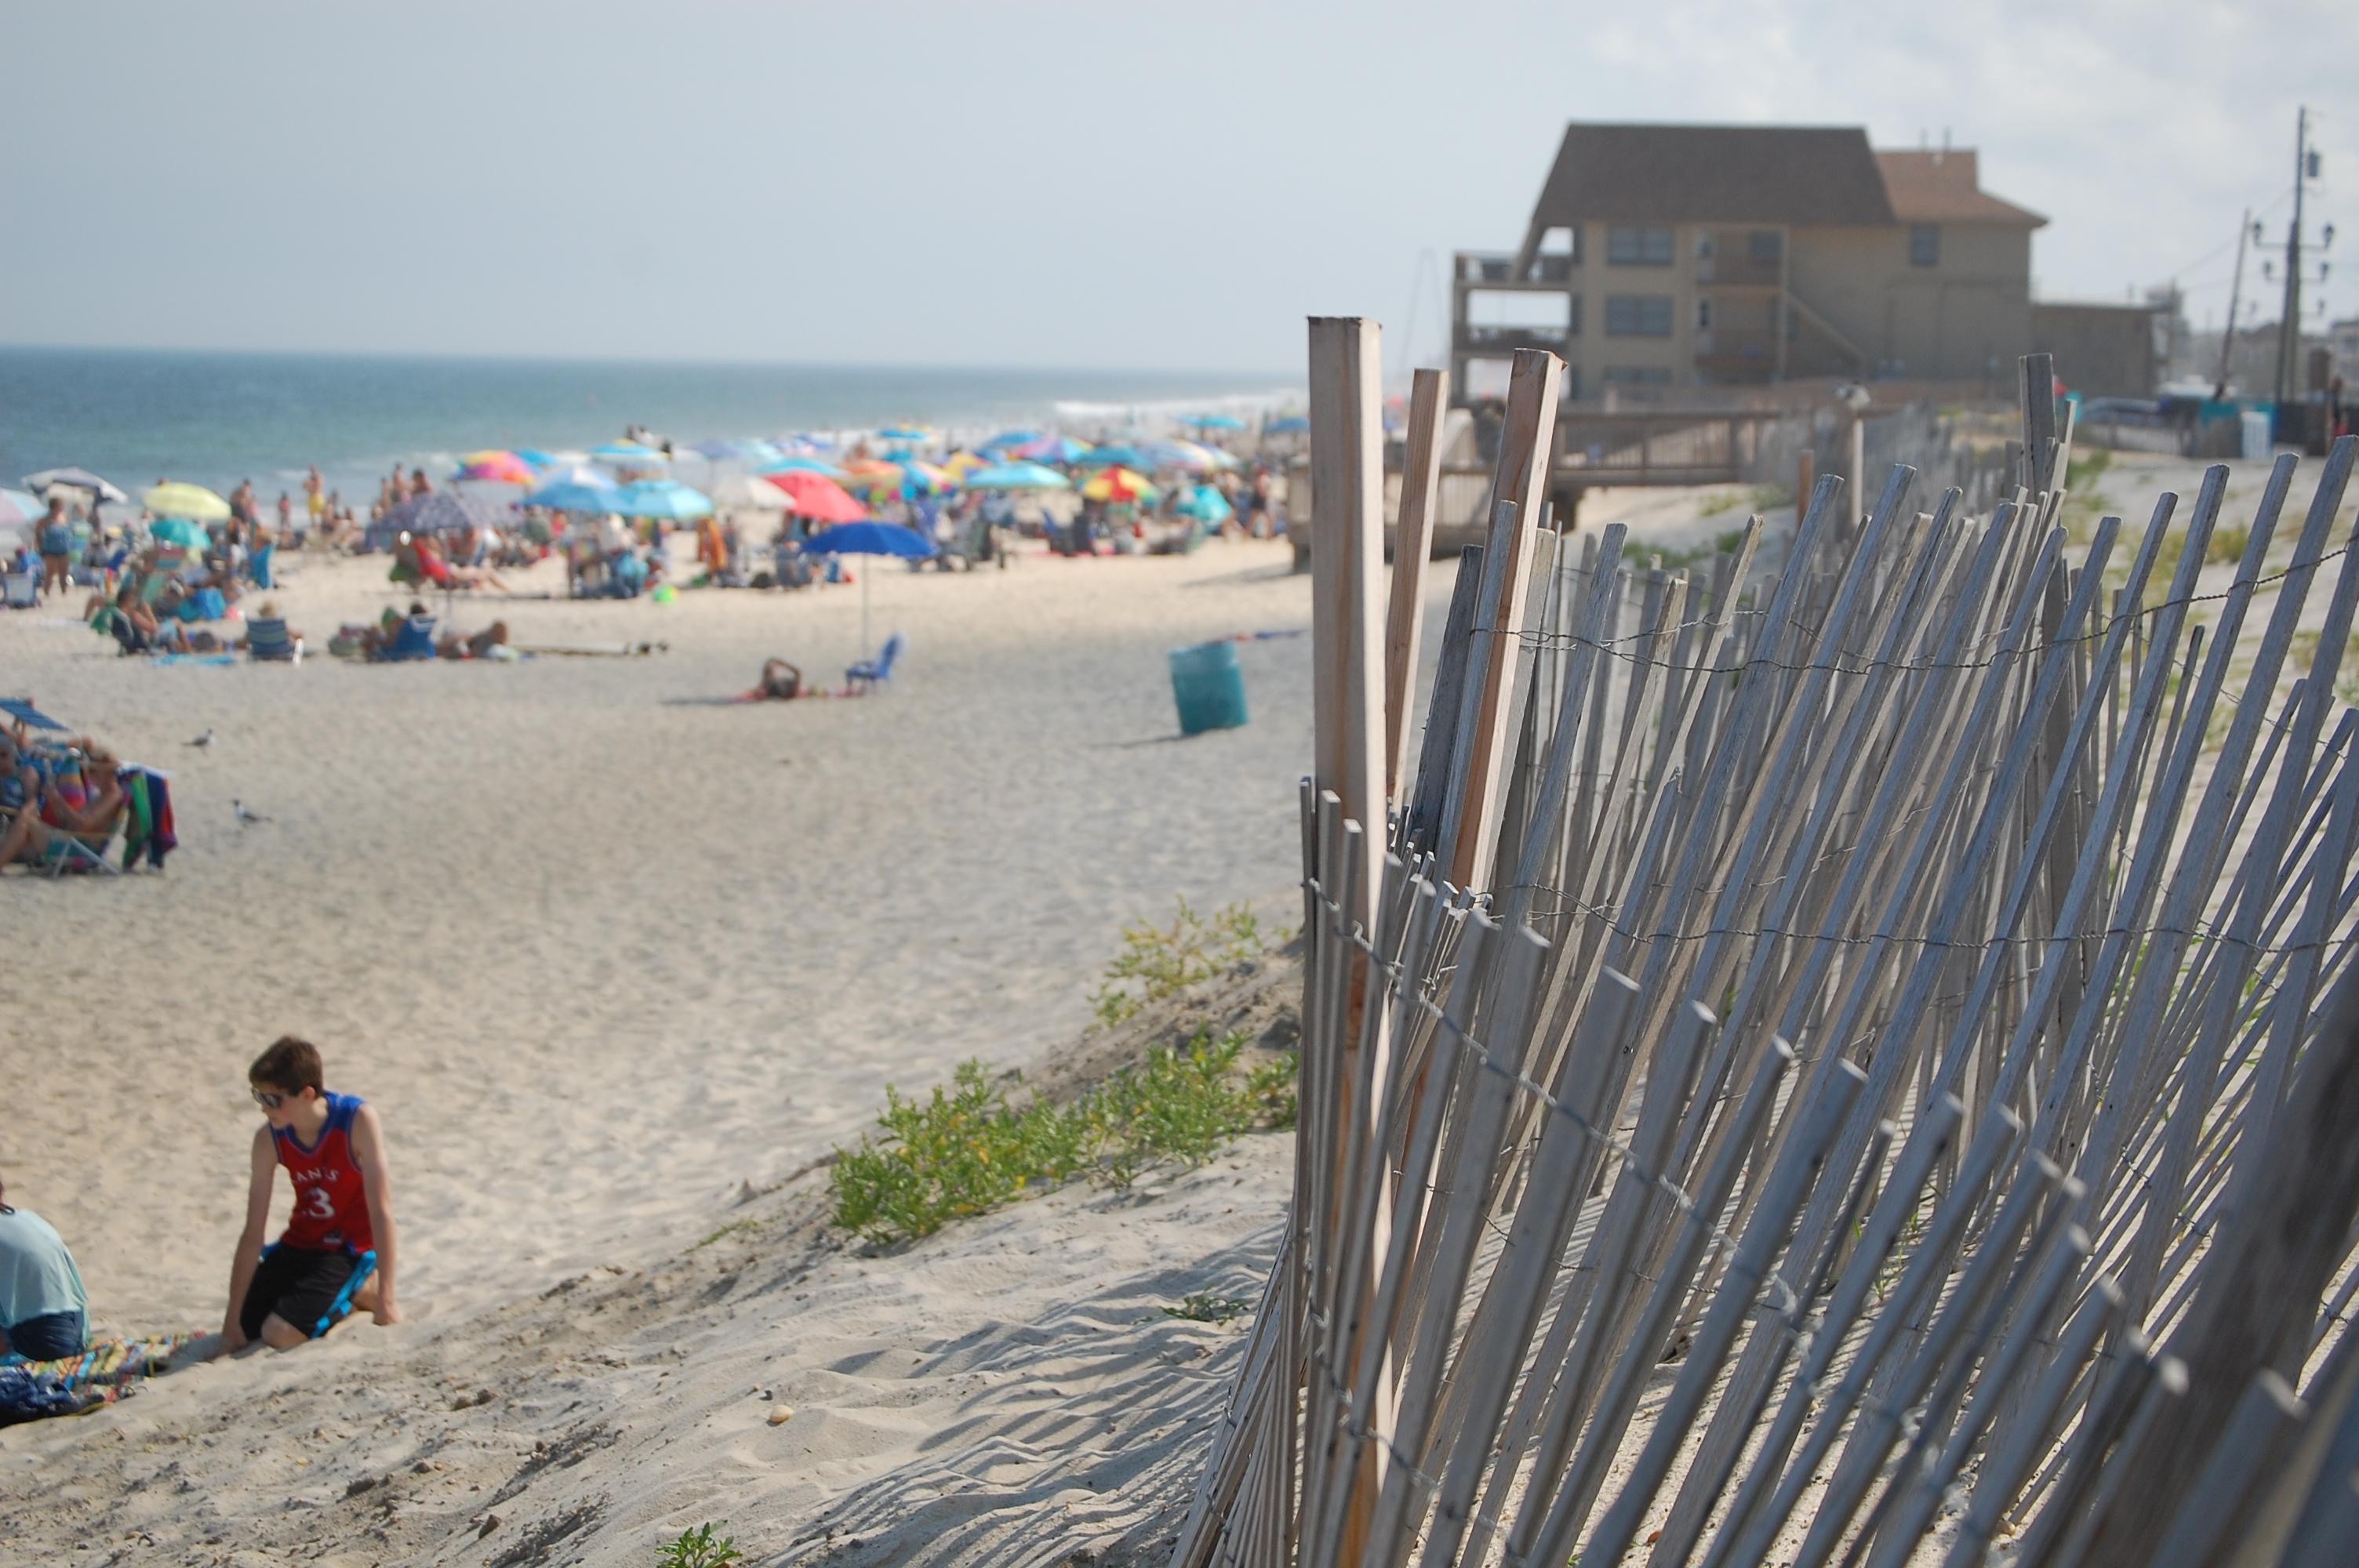 Ortley Beach's oceanfront. (Photo: Daniel Nee)